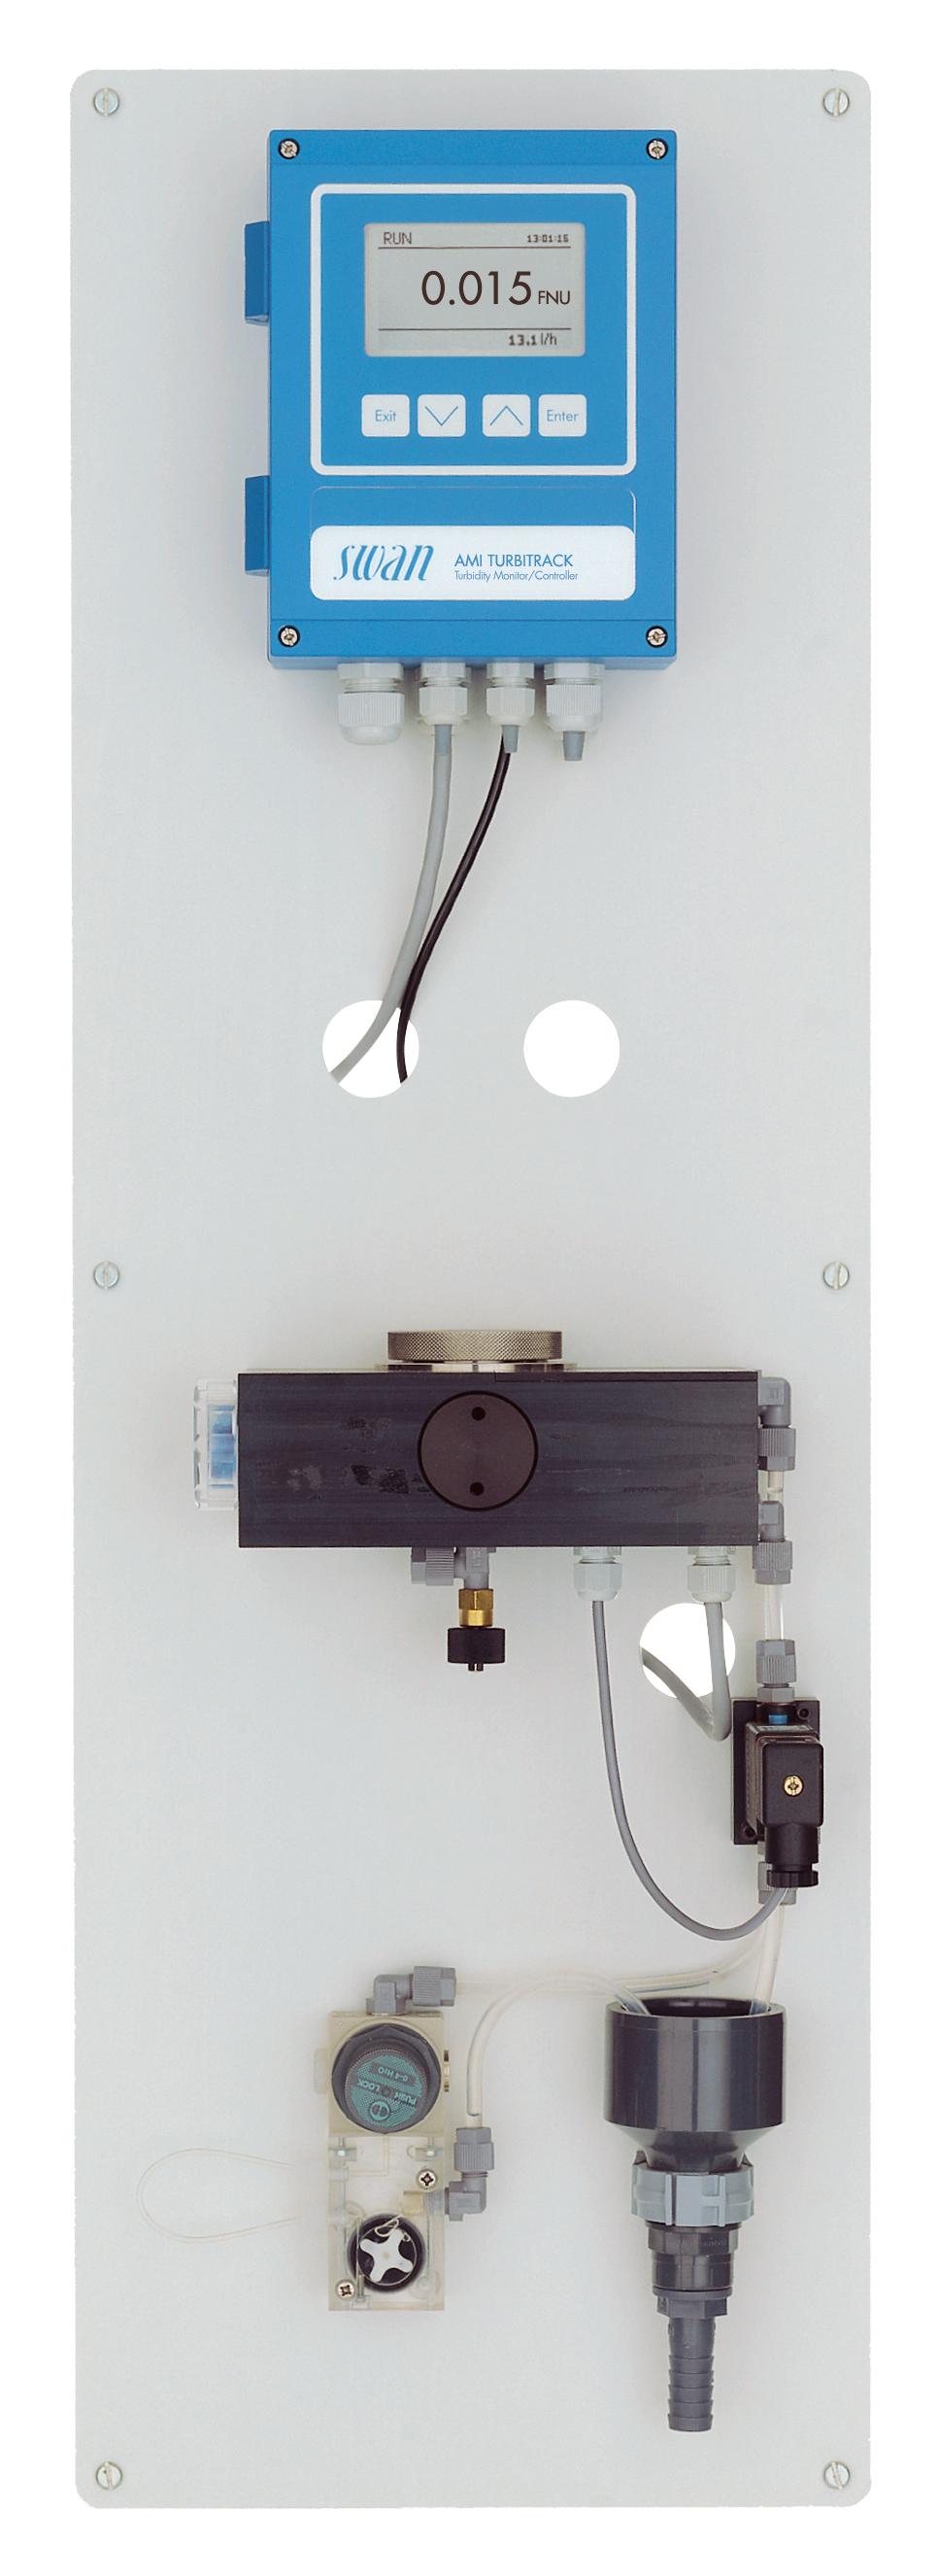 Thiết bị đo lường và giám sát độ đục liên tục